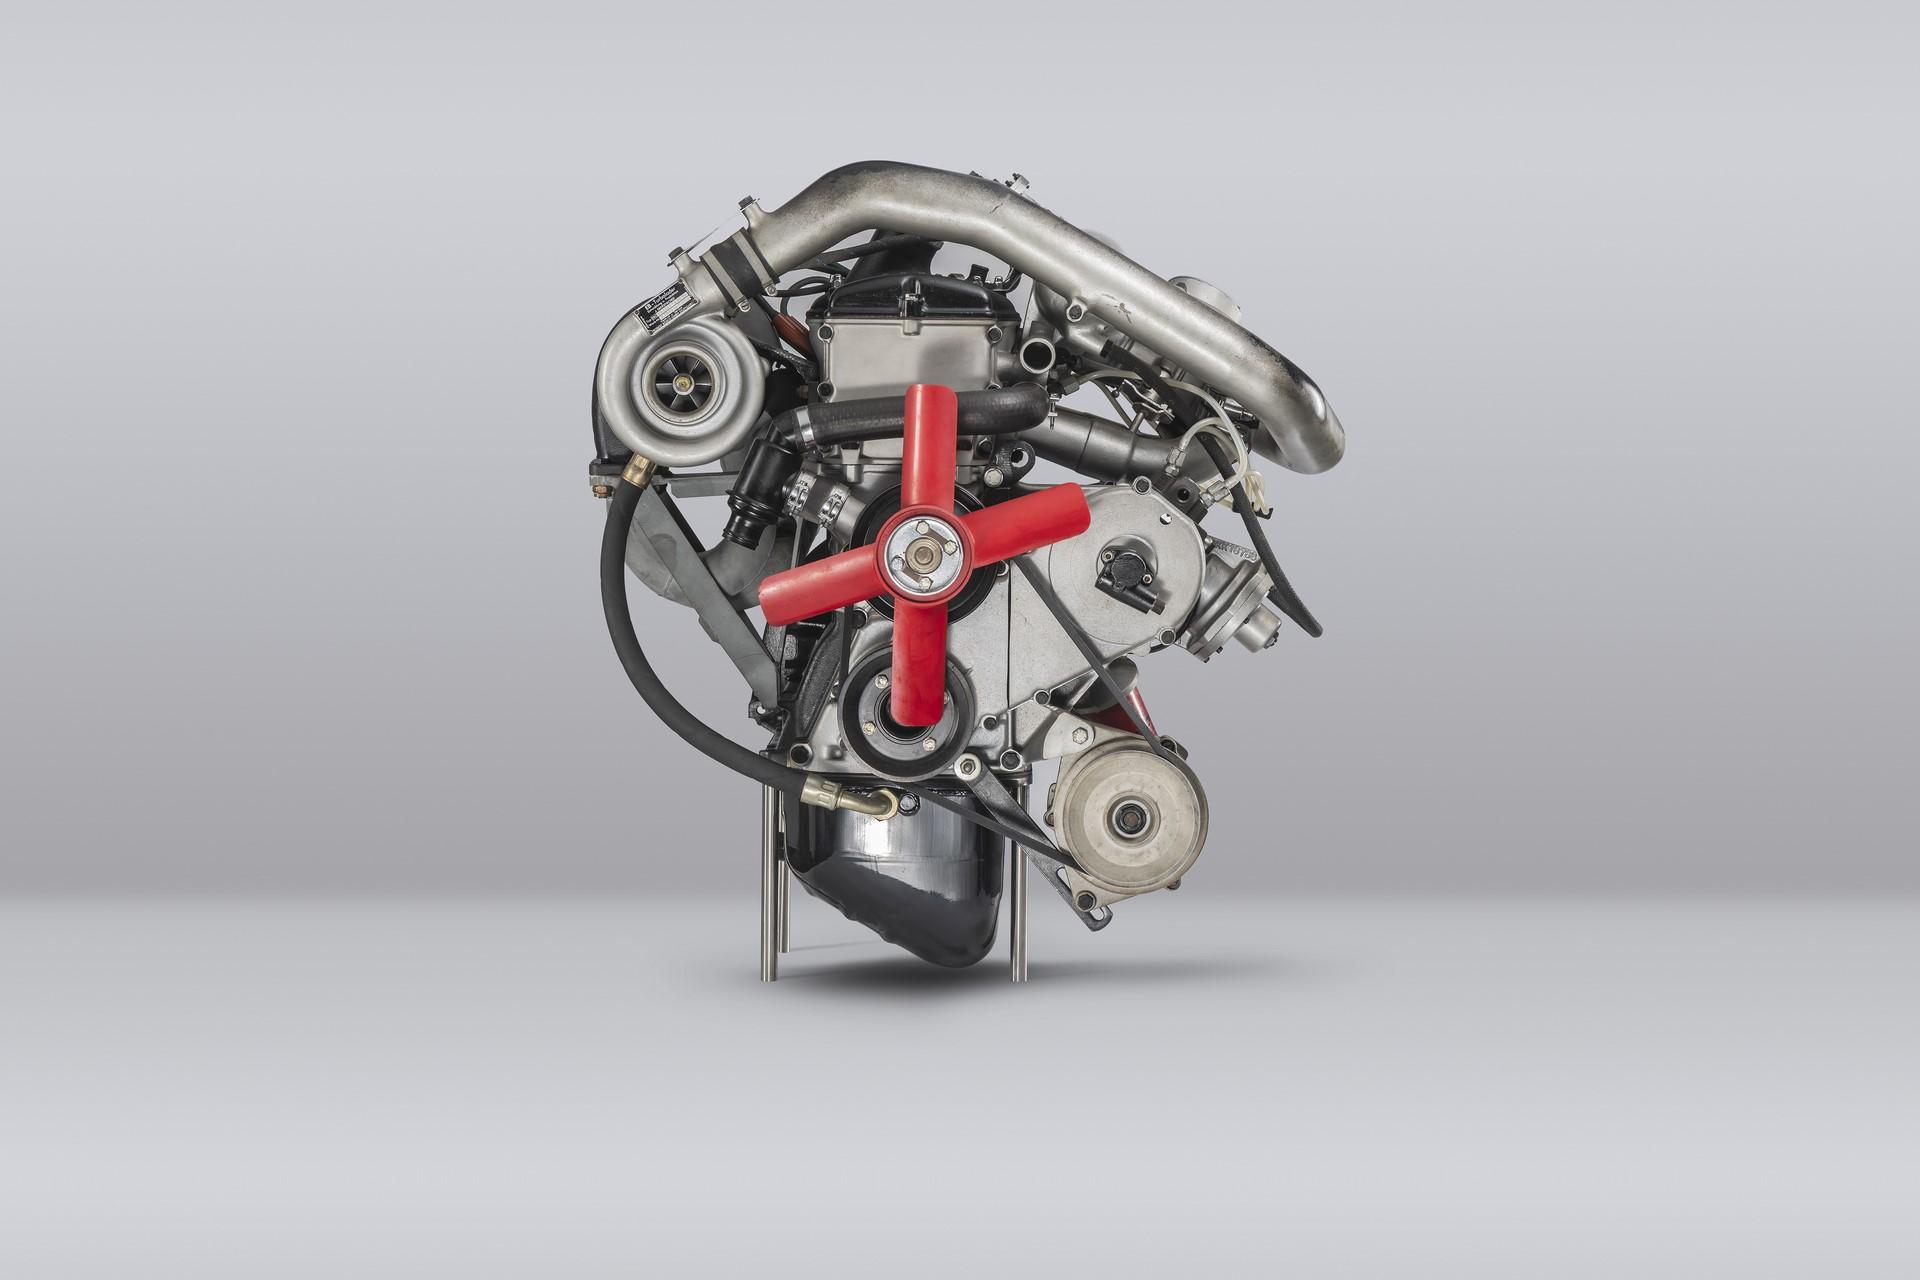 BMW 2002 Motor, Muenchen 27.03.2019 ©Martin Hangen/hangenfoto